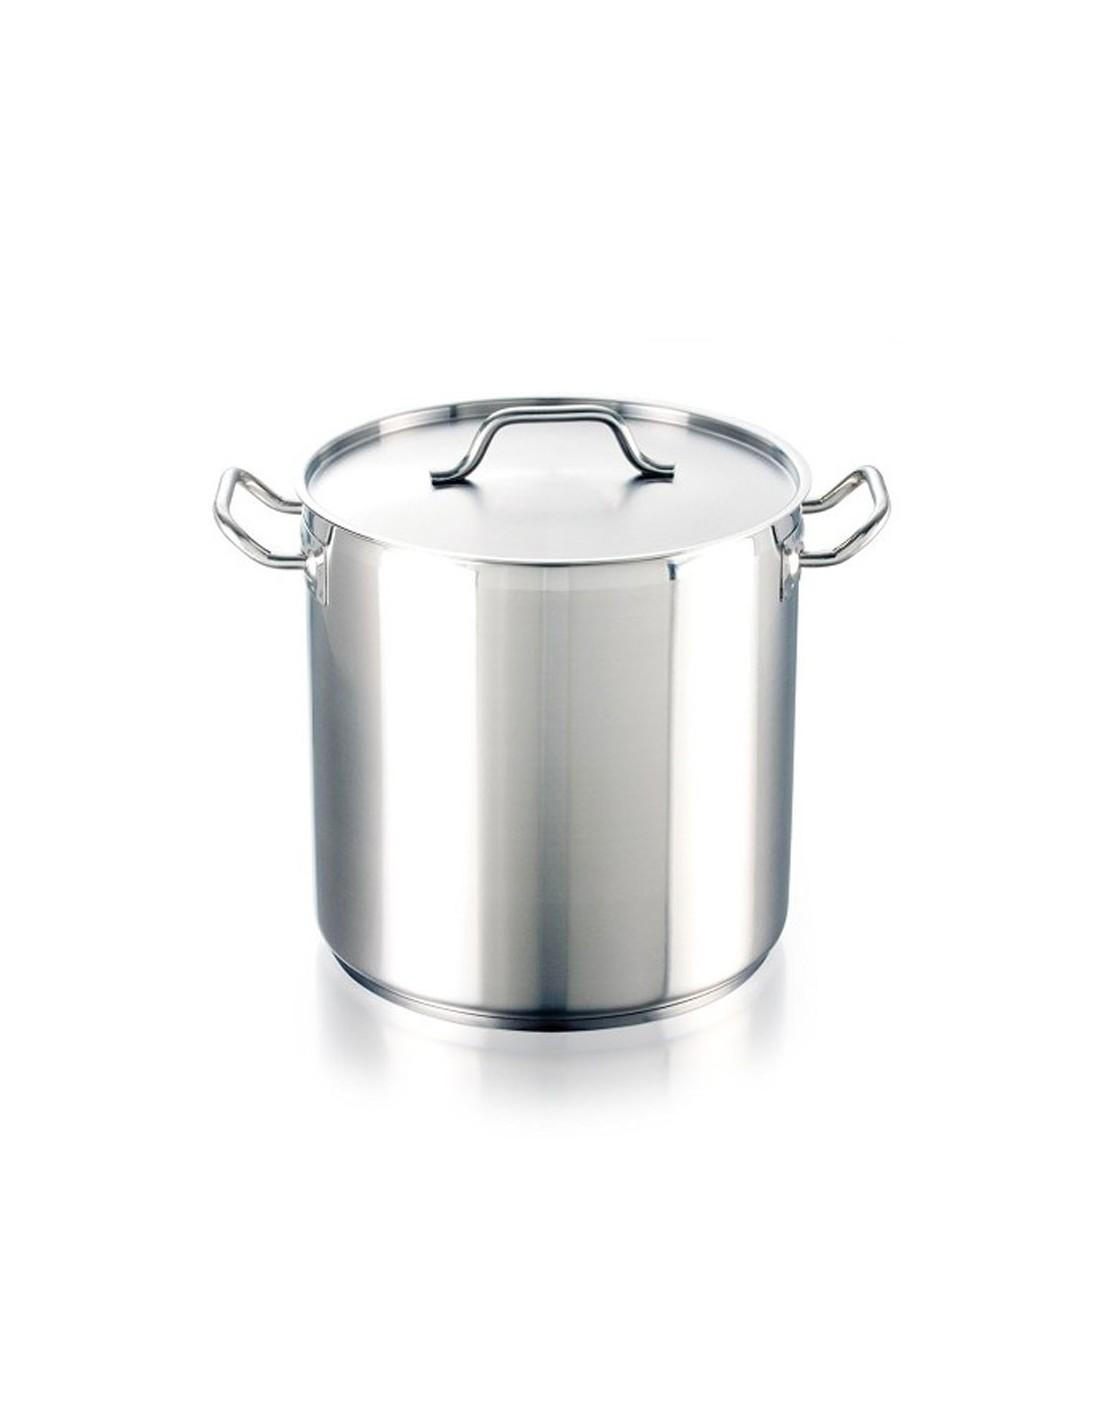 Premier aci000olla50 olla de acero inoxidable de 50 cm for Utensilios cocina acero inoxidable